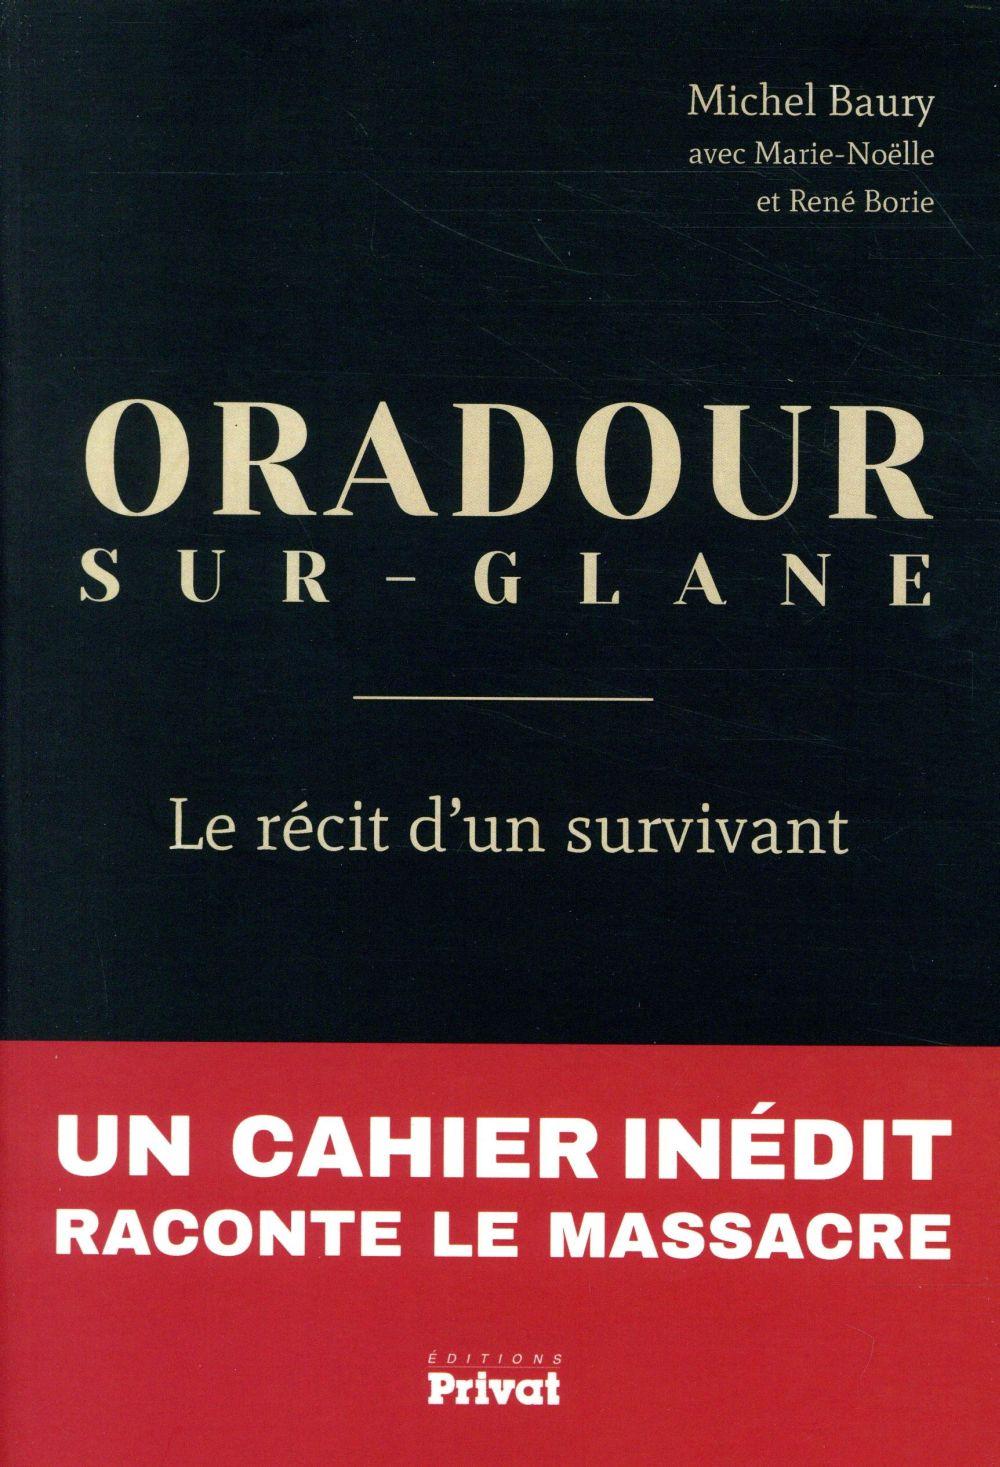 Oradour-sur-Slane, le dernier témoin